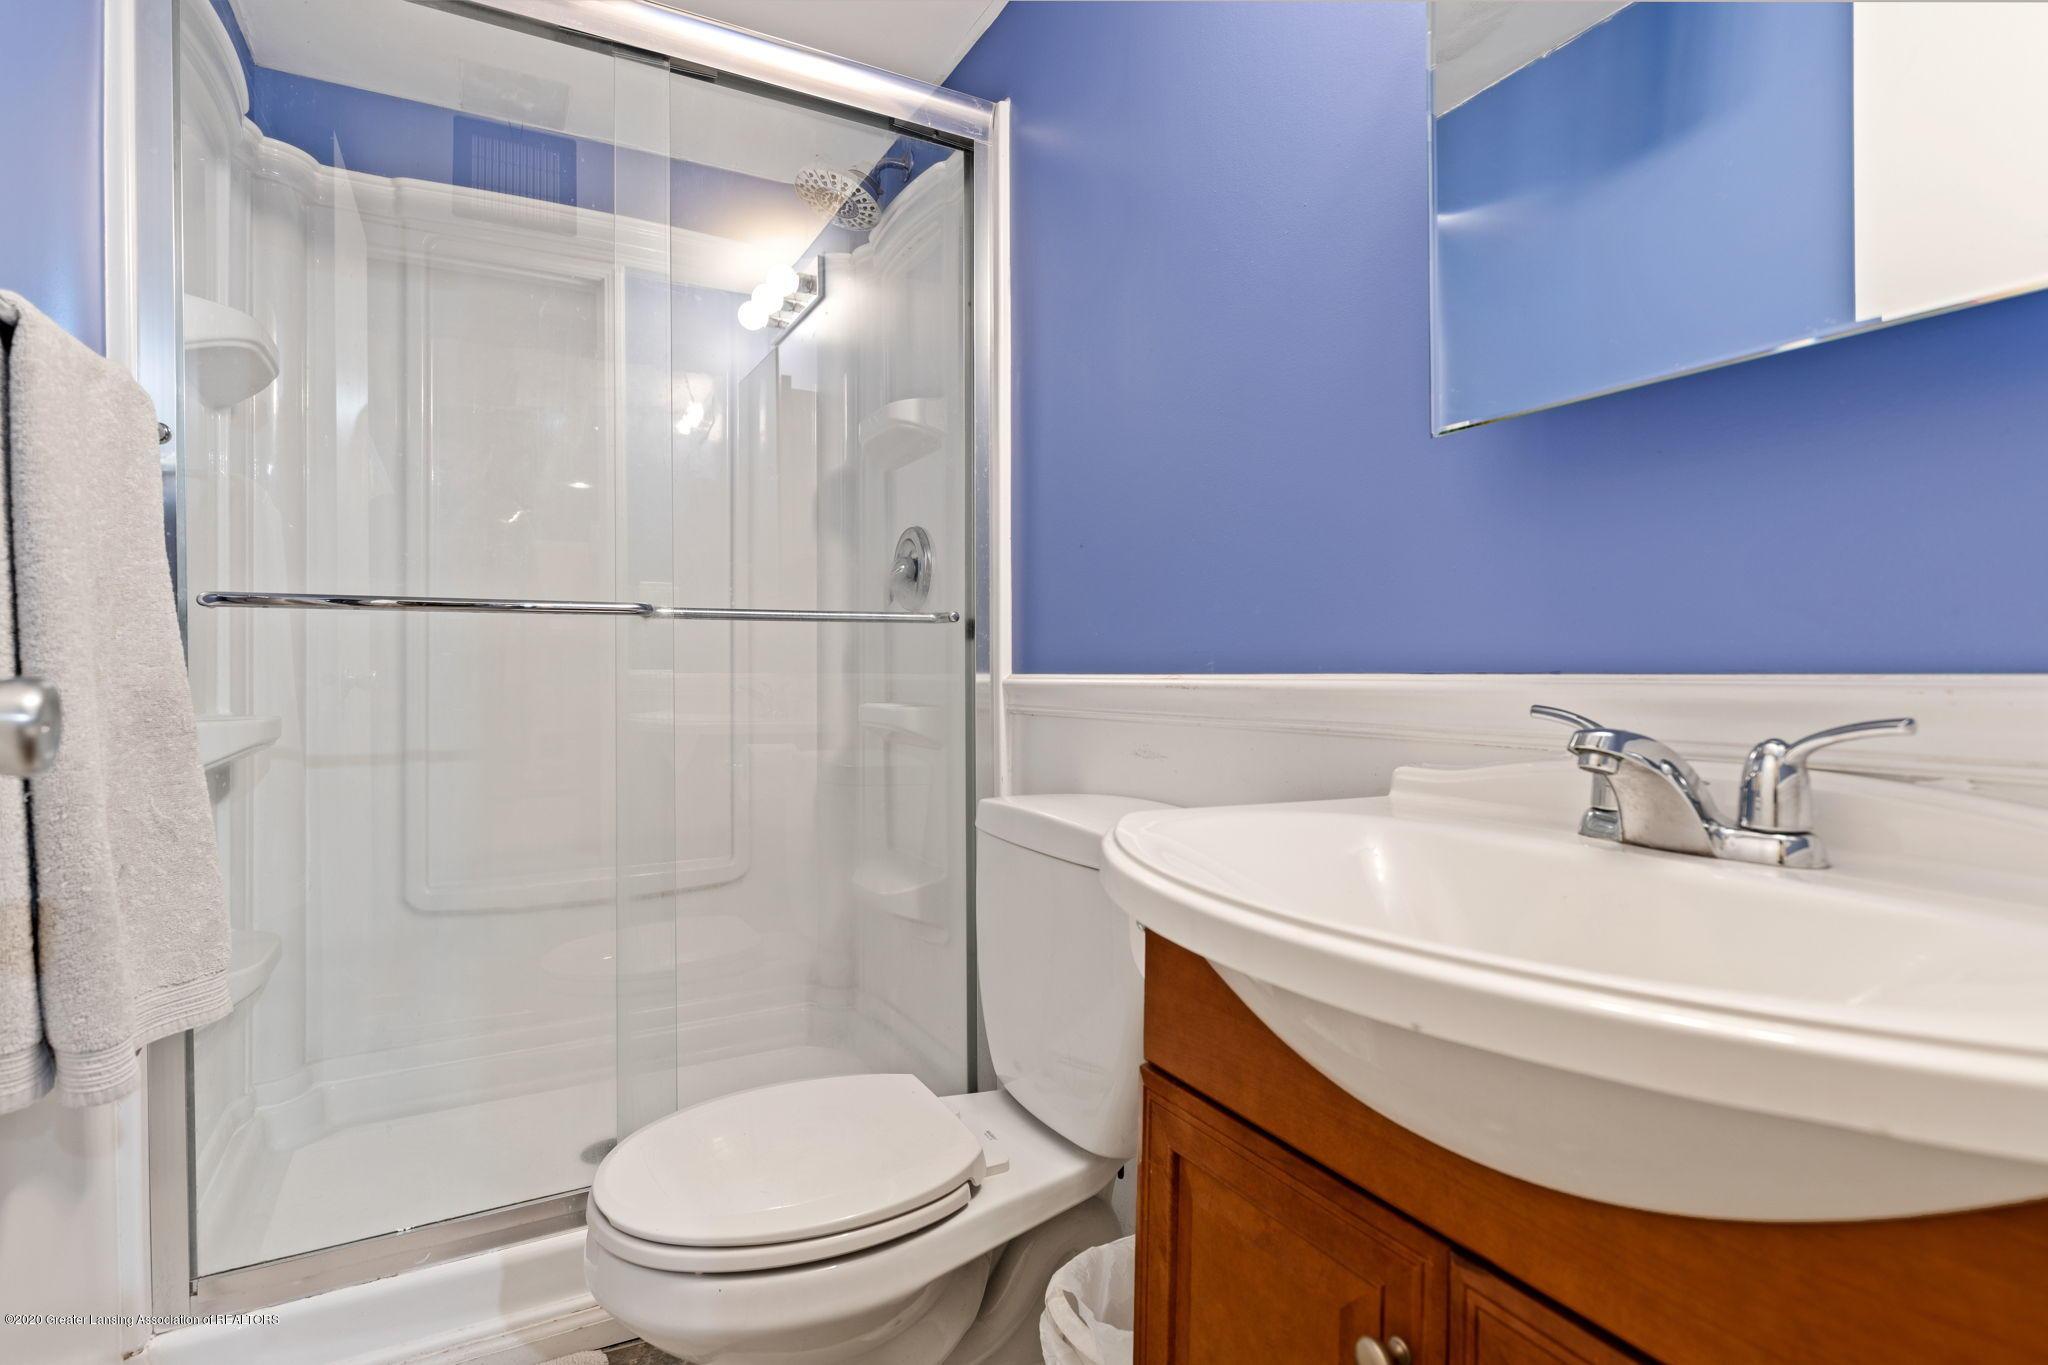 510 Meadowlawn St - Basement Bathroom - 23